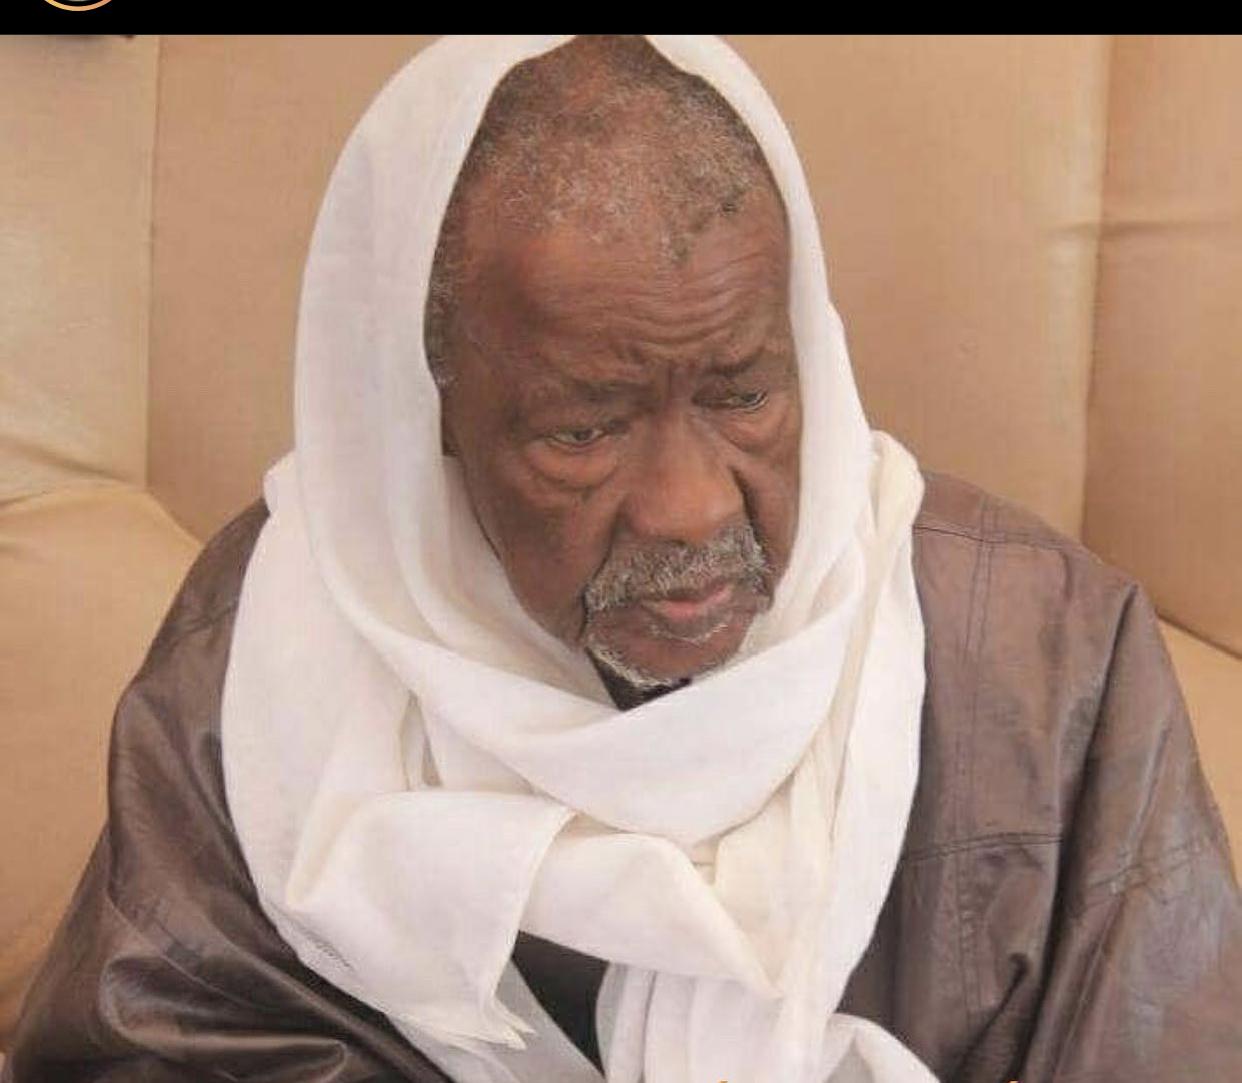 Nécrologie : Rappel à Dieu de Serigne Abass Mbacké, Khalife de Darou Moukhty.